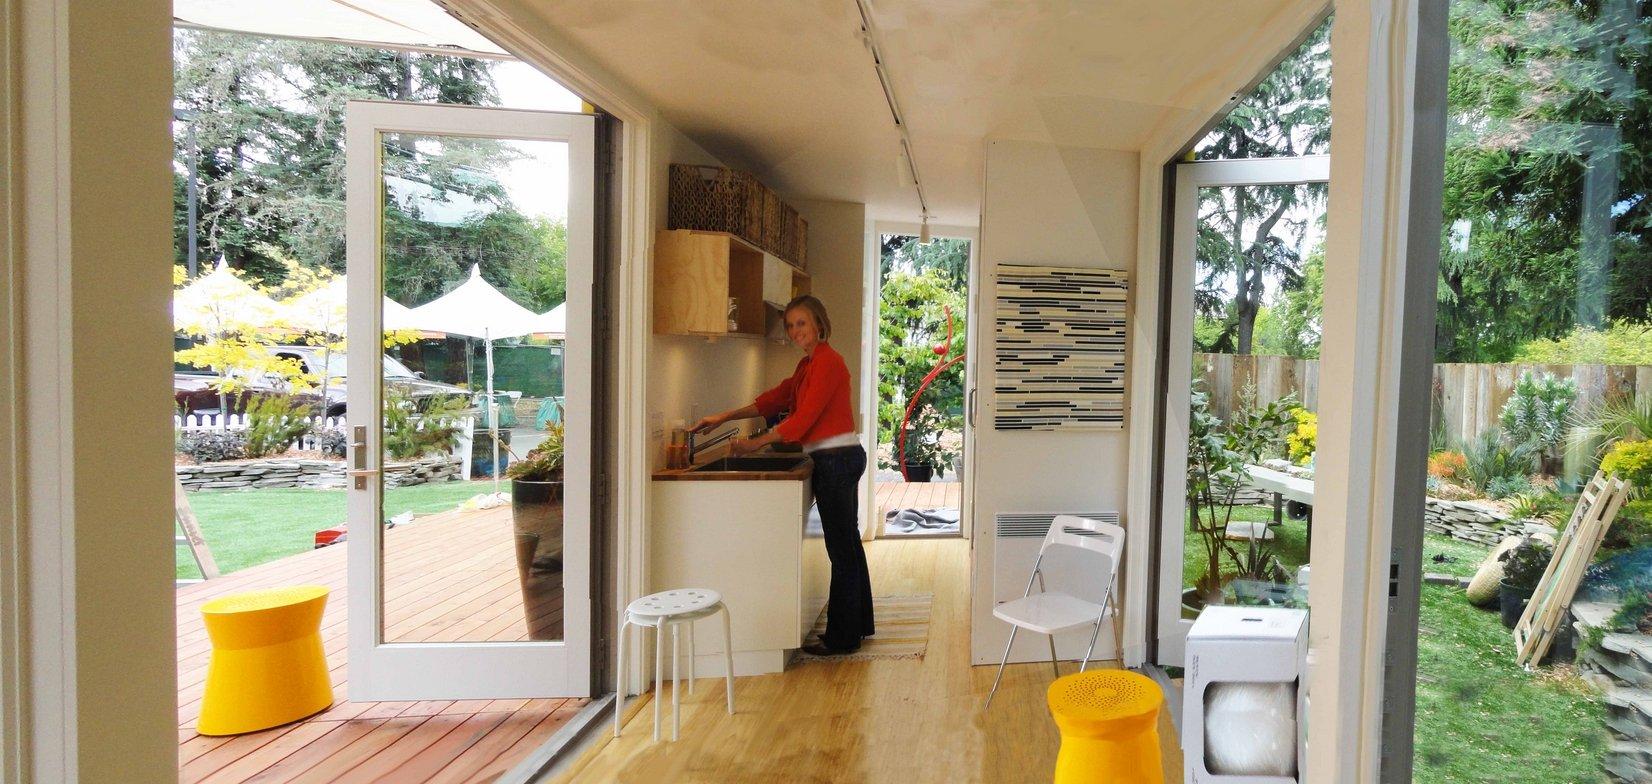 Cовременный дом из контейнеров: интерьер жилья